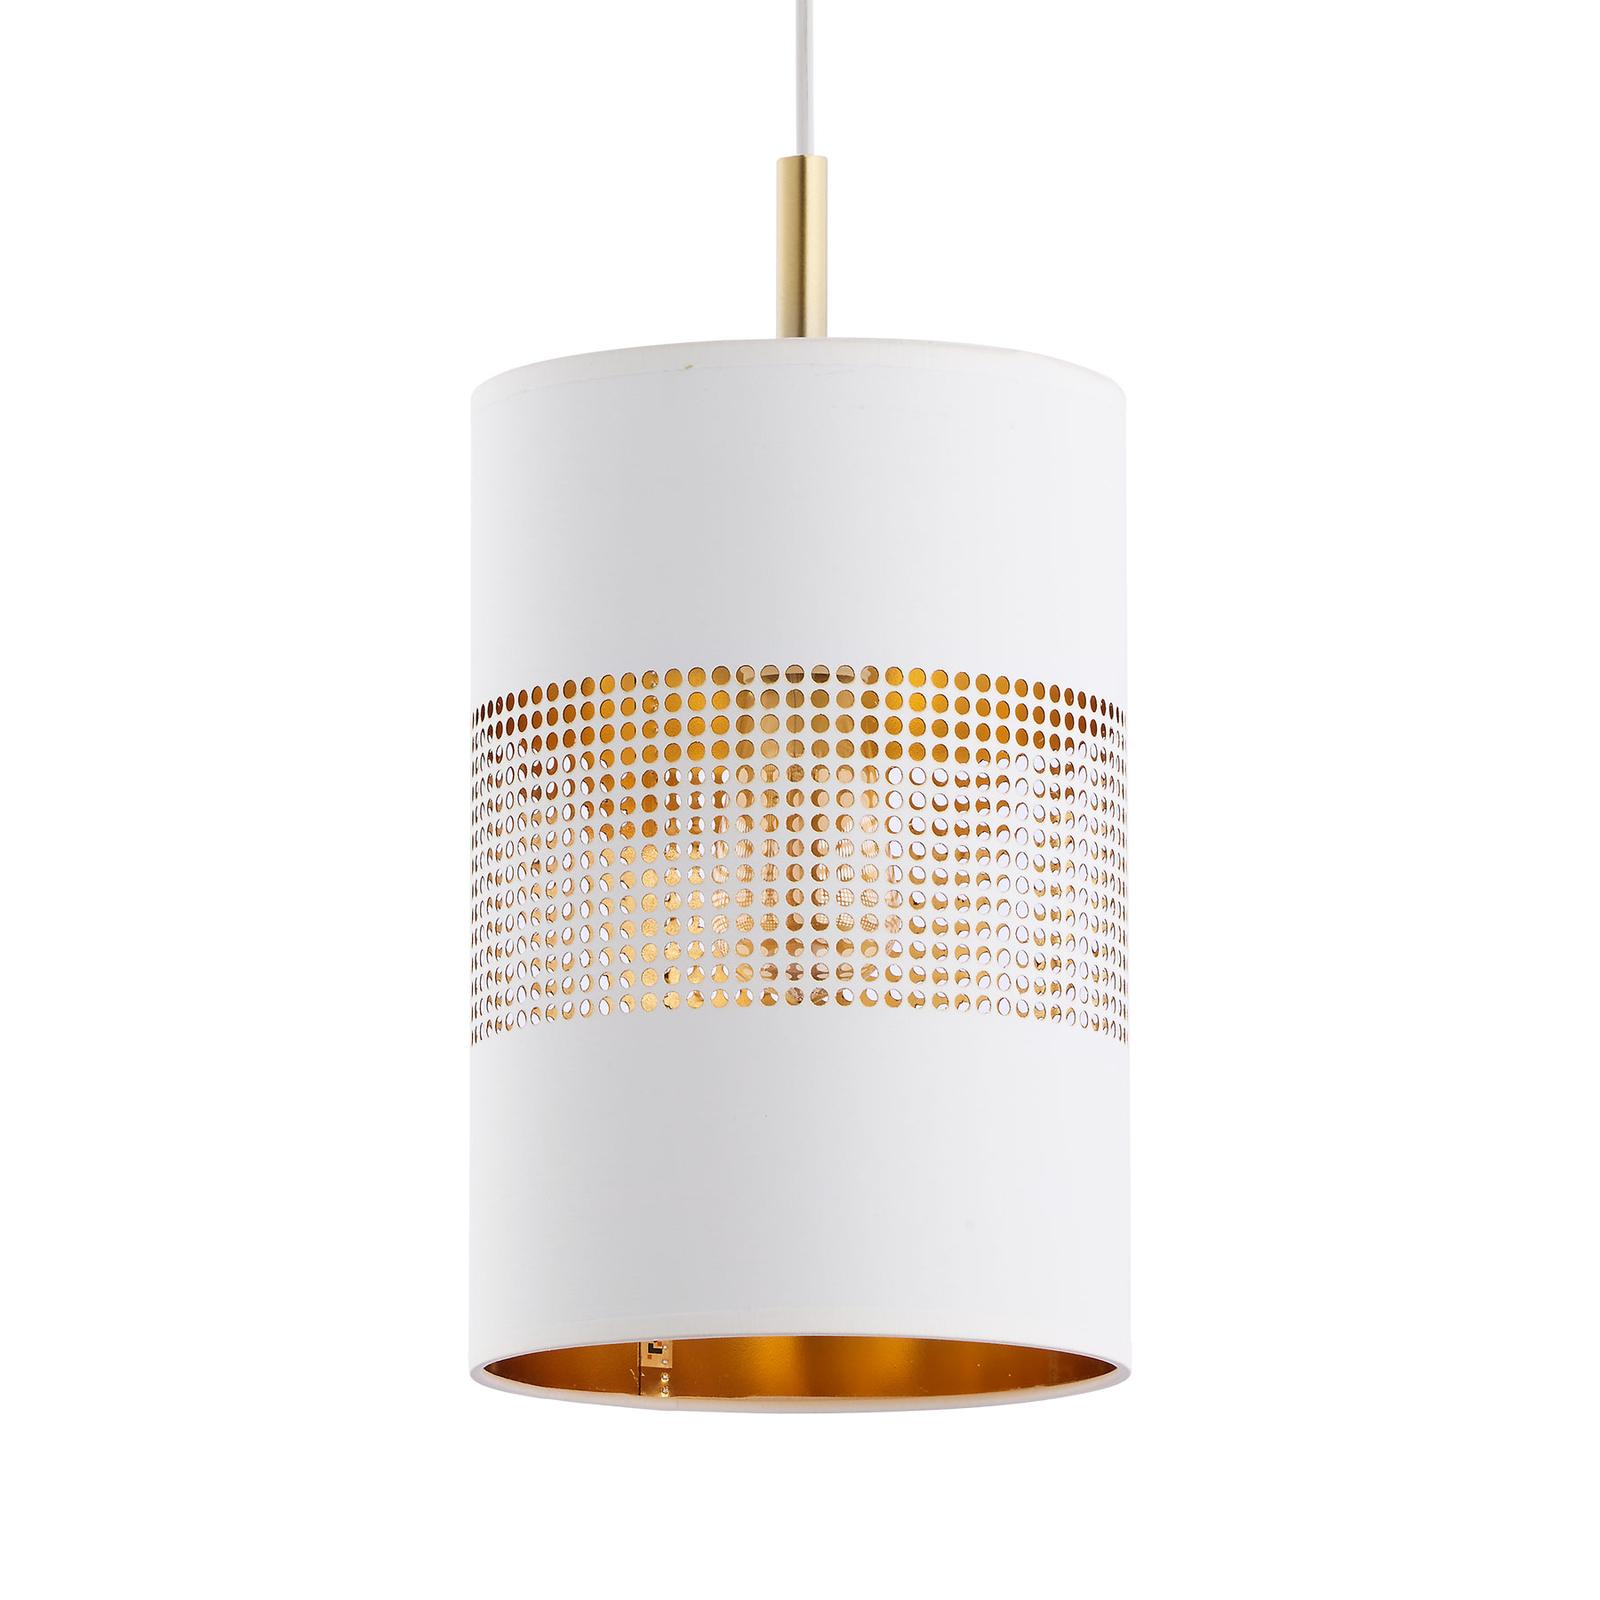 Lampa wisząca Bogart, 1-punktowa, biała/złota